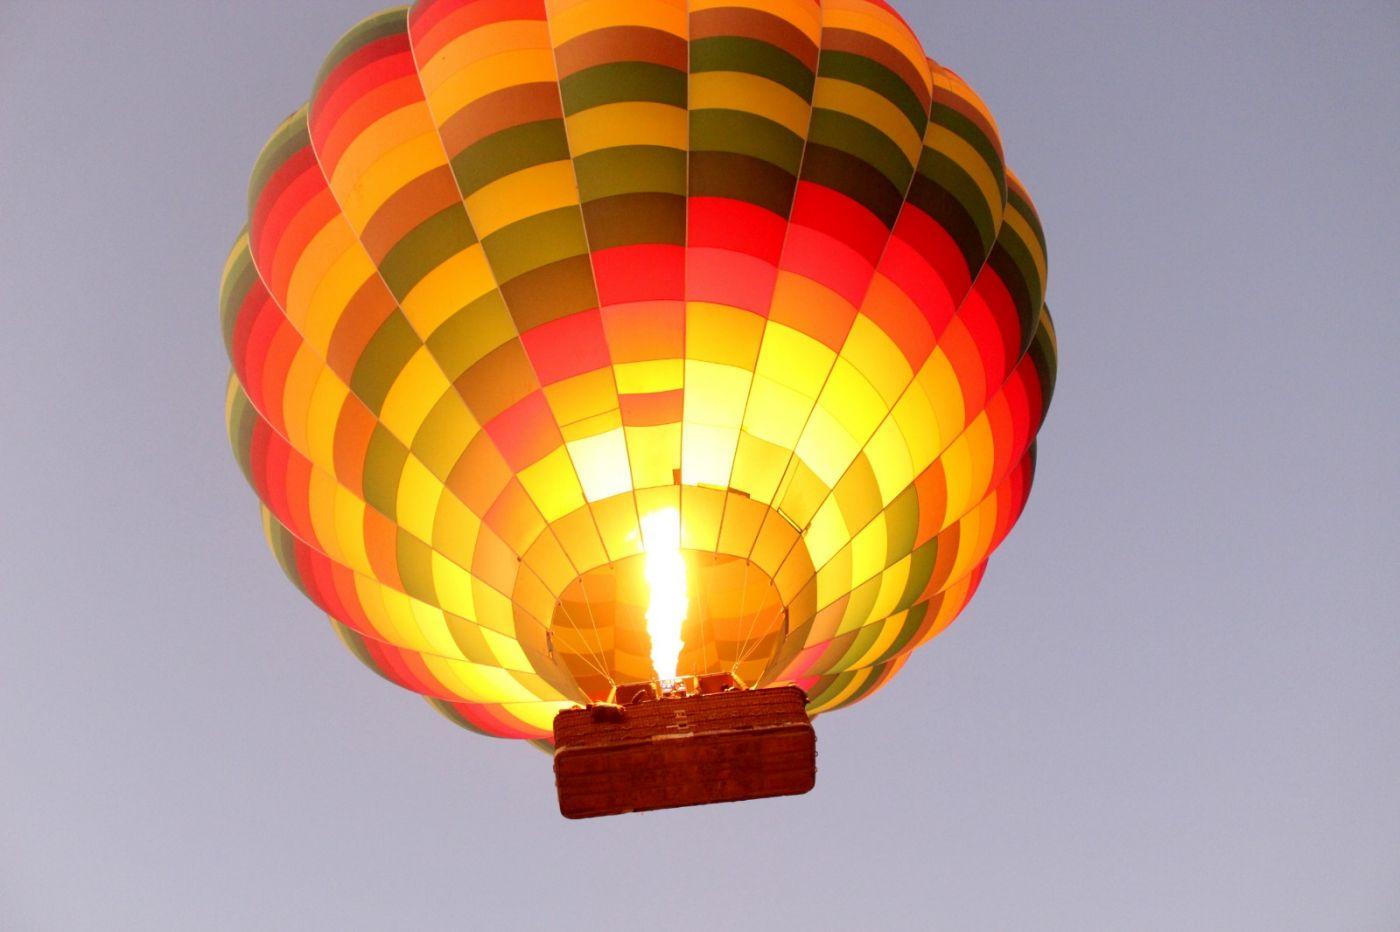 卢克索坐热气球观日出_图1-24